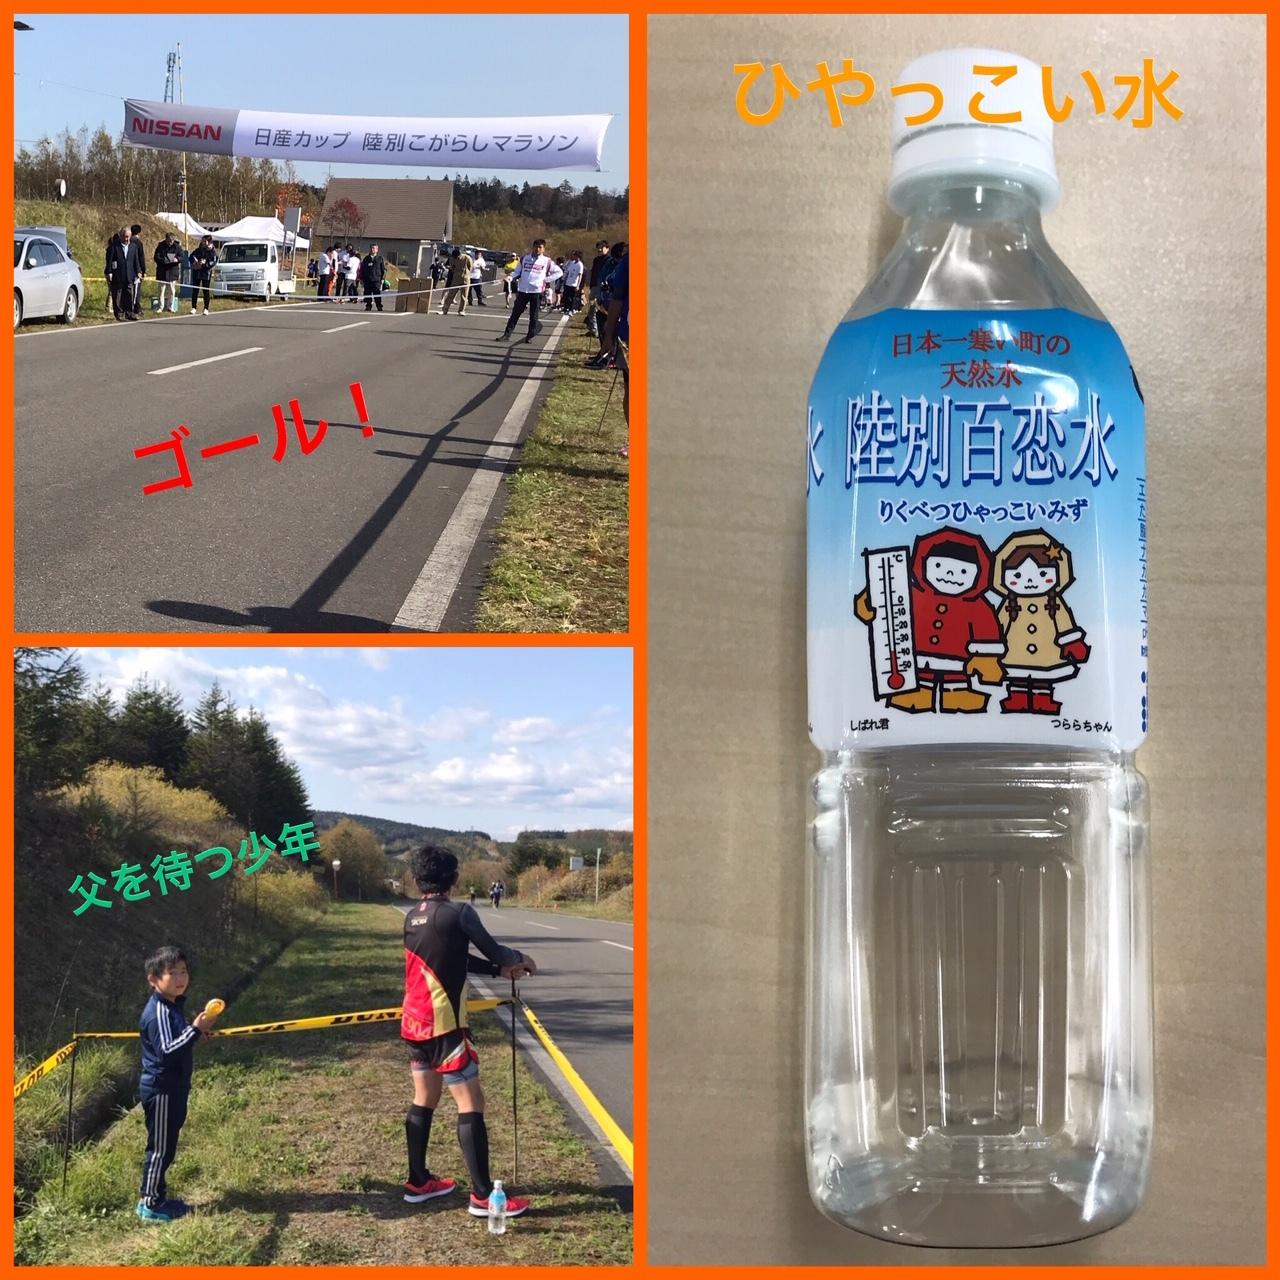 image17_201811011306496e4.jpeg